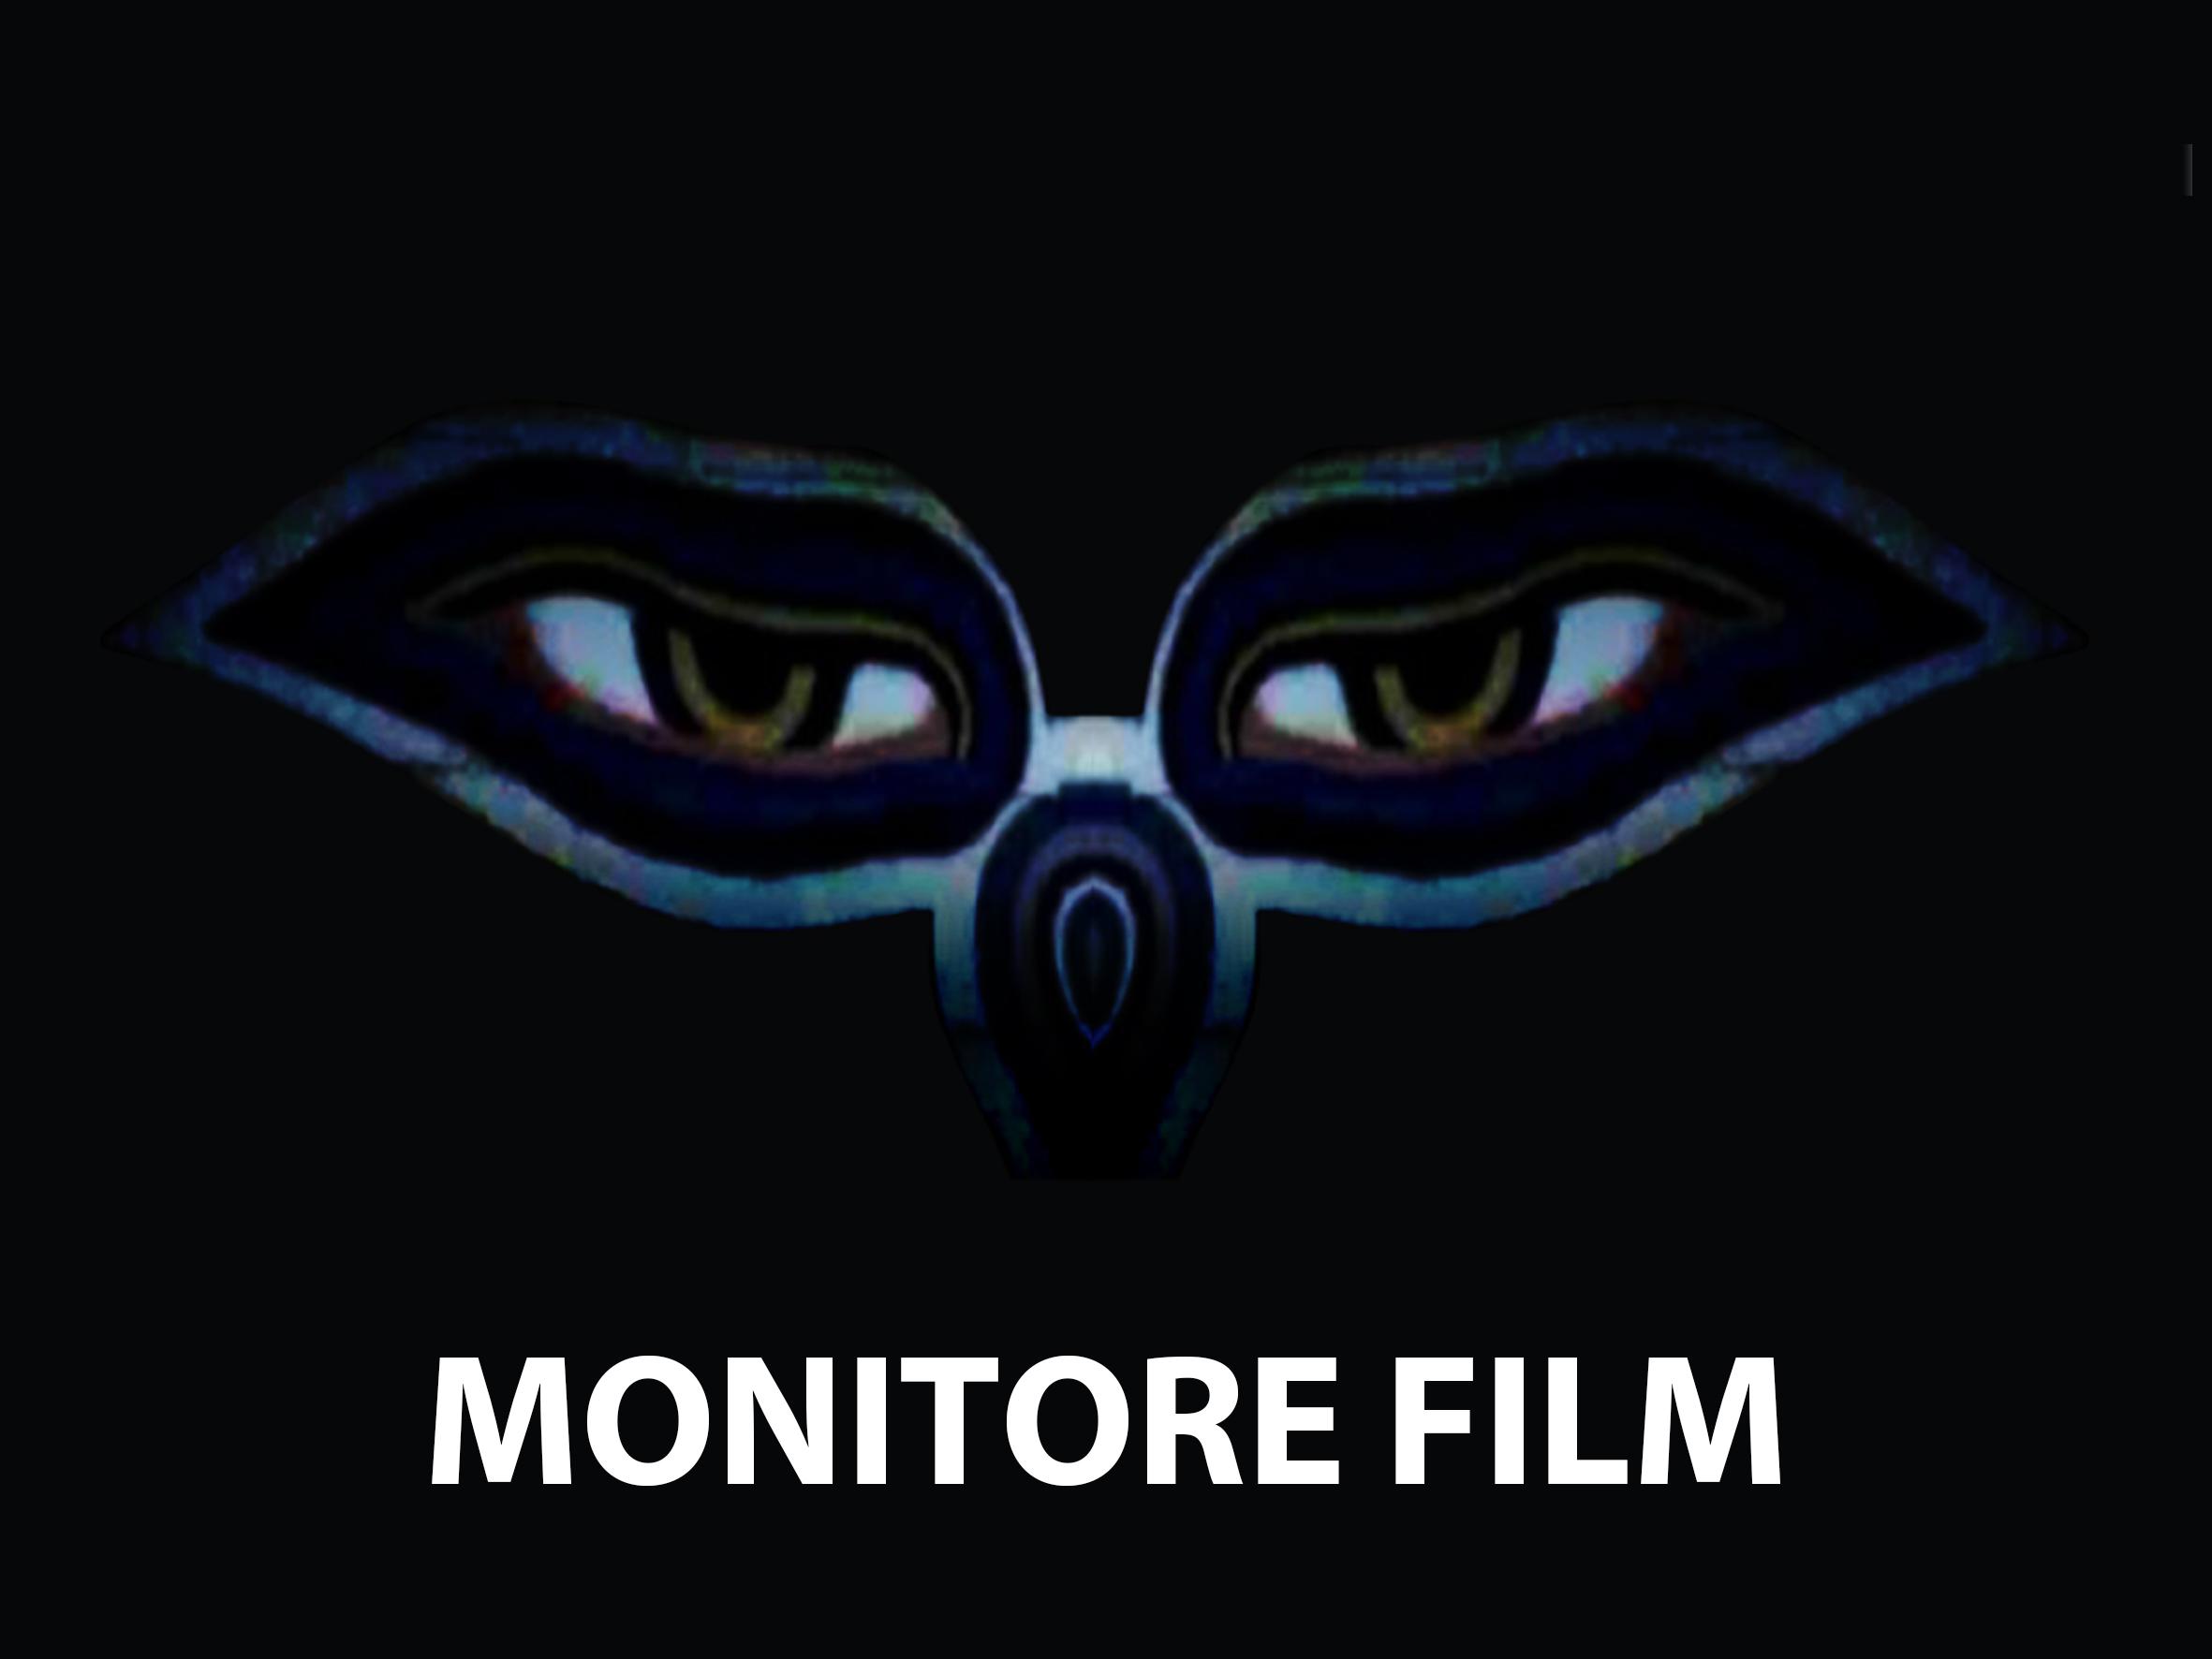 Monitore film